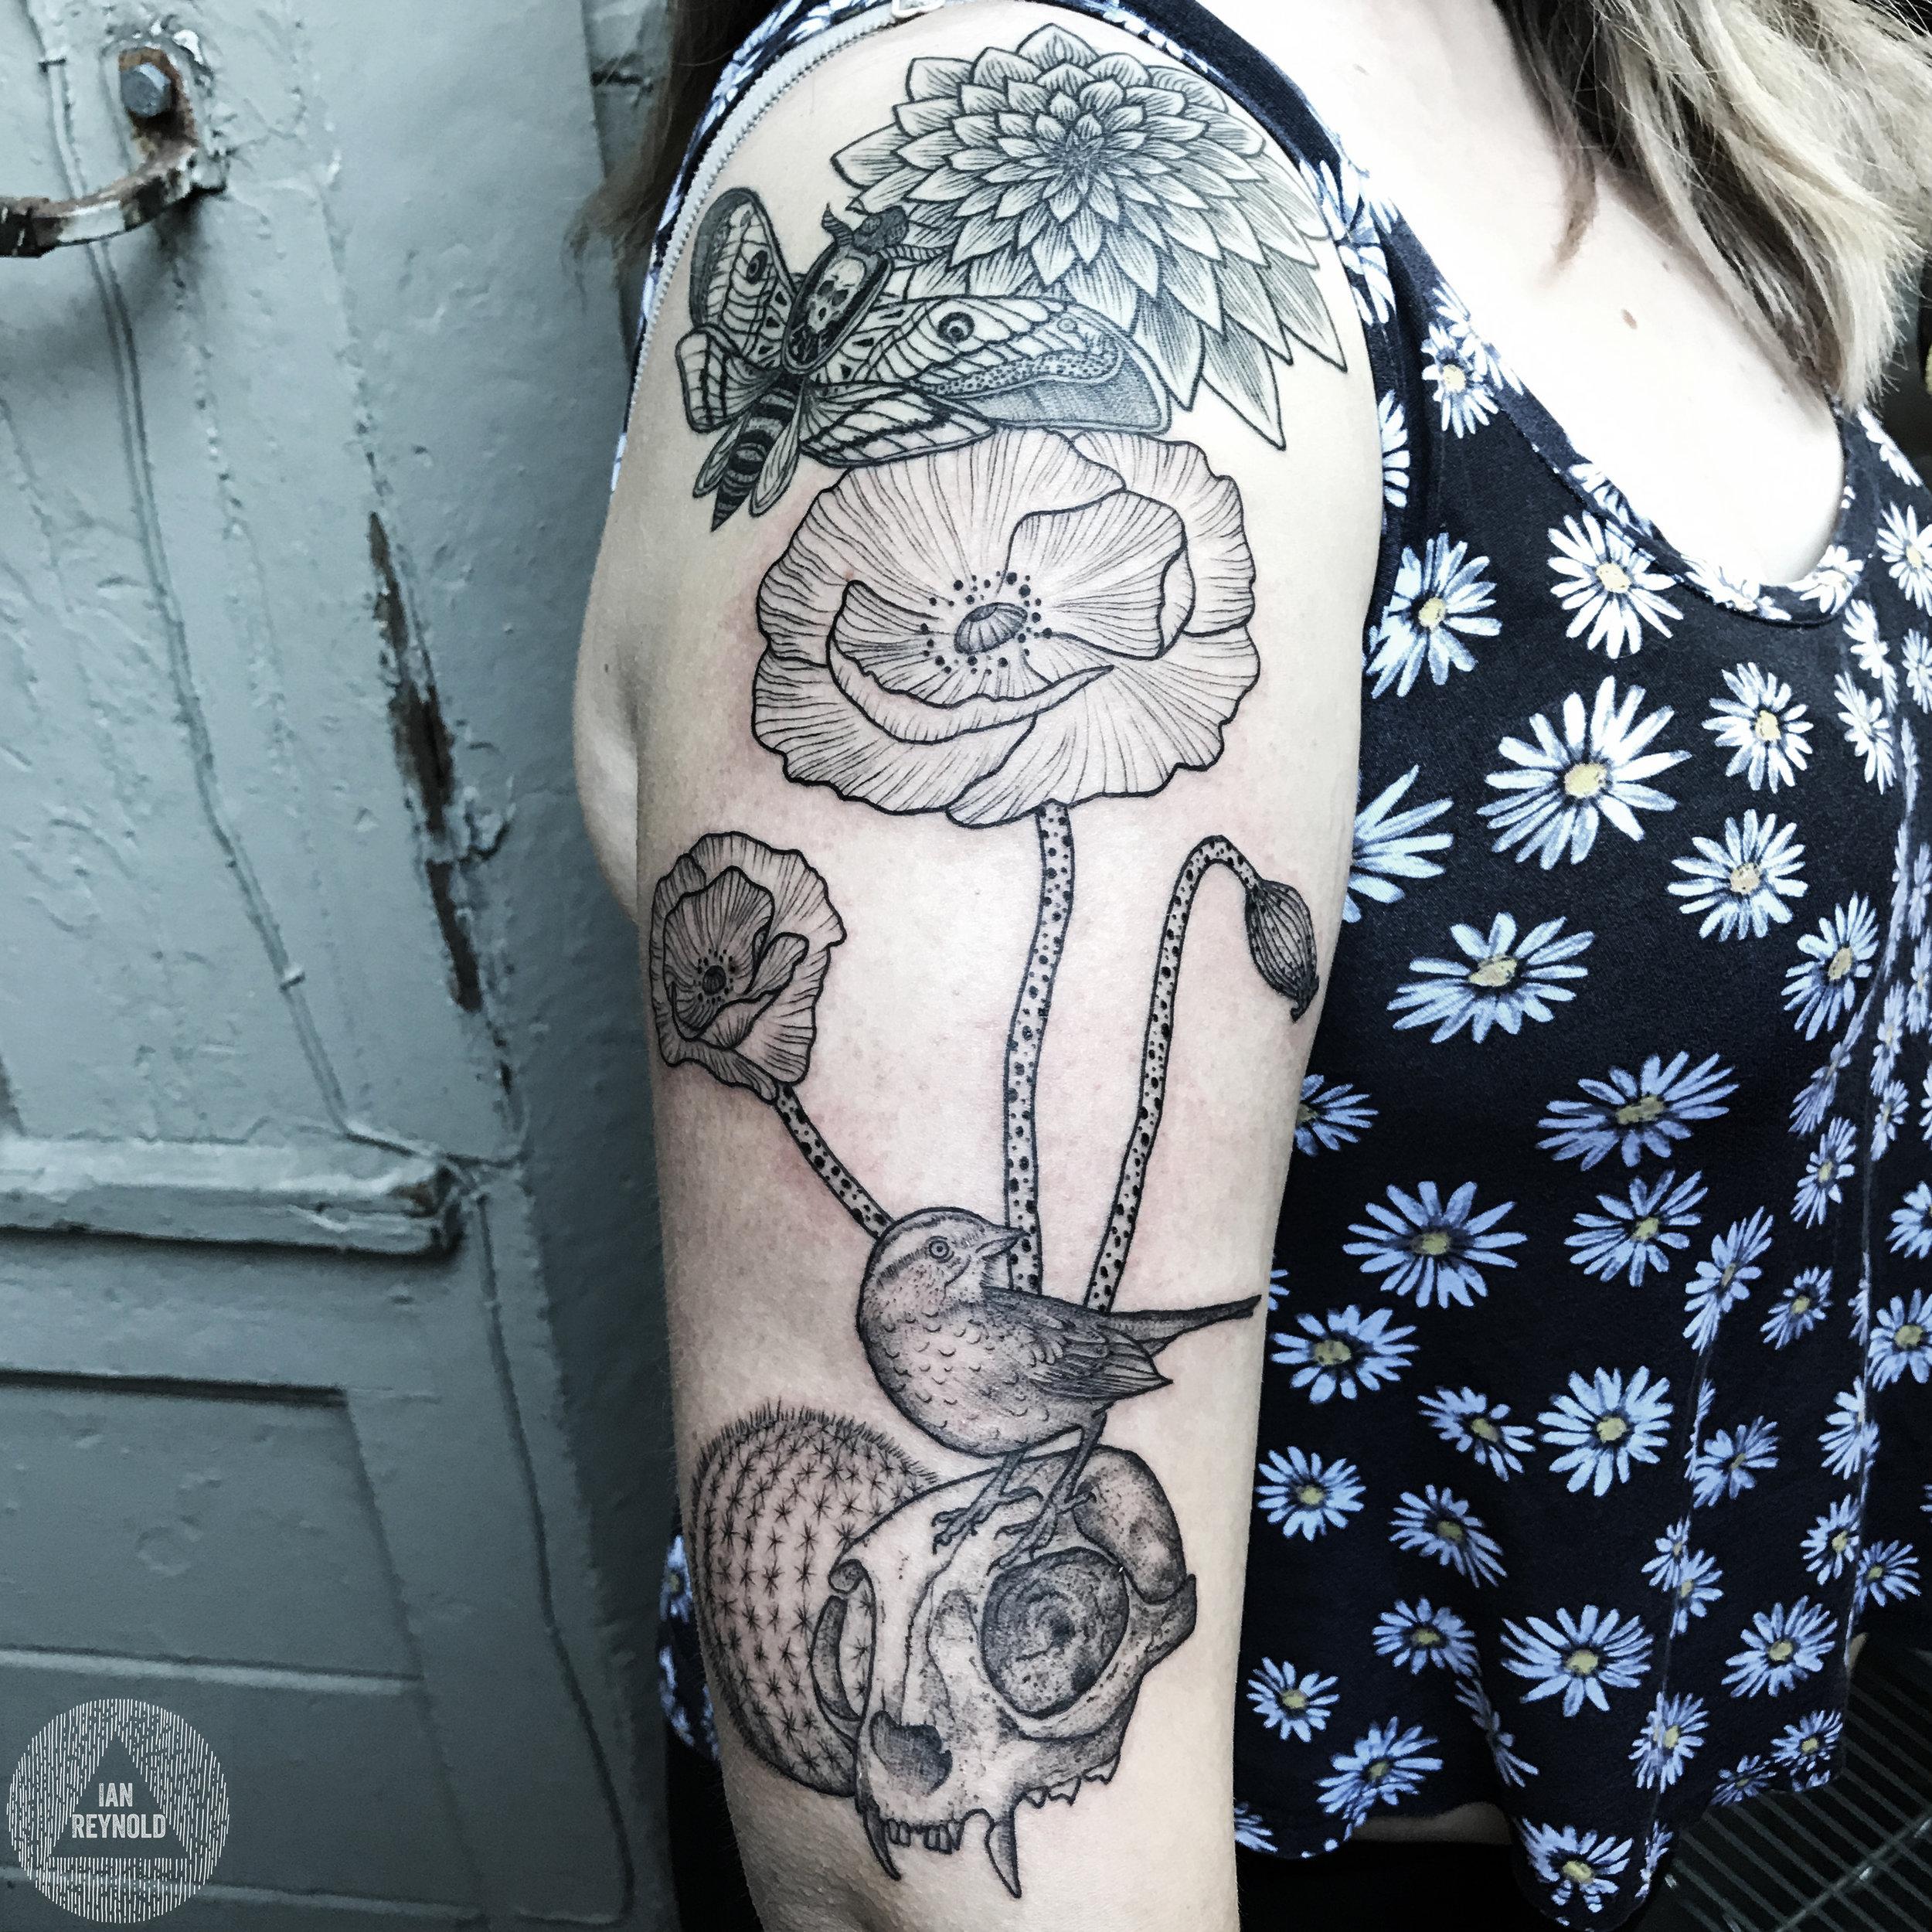 poppies - kitty skull - cactus - birdie